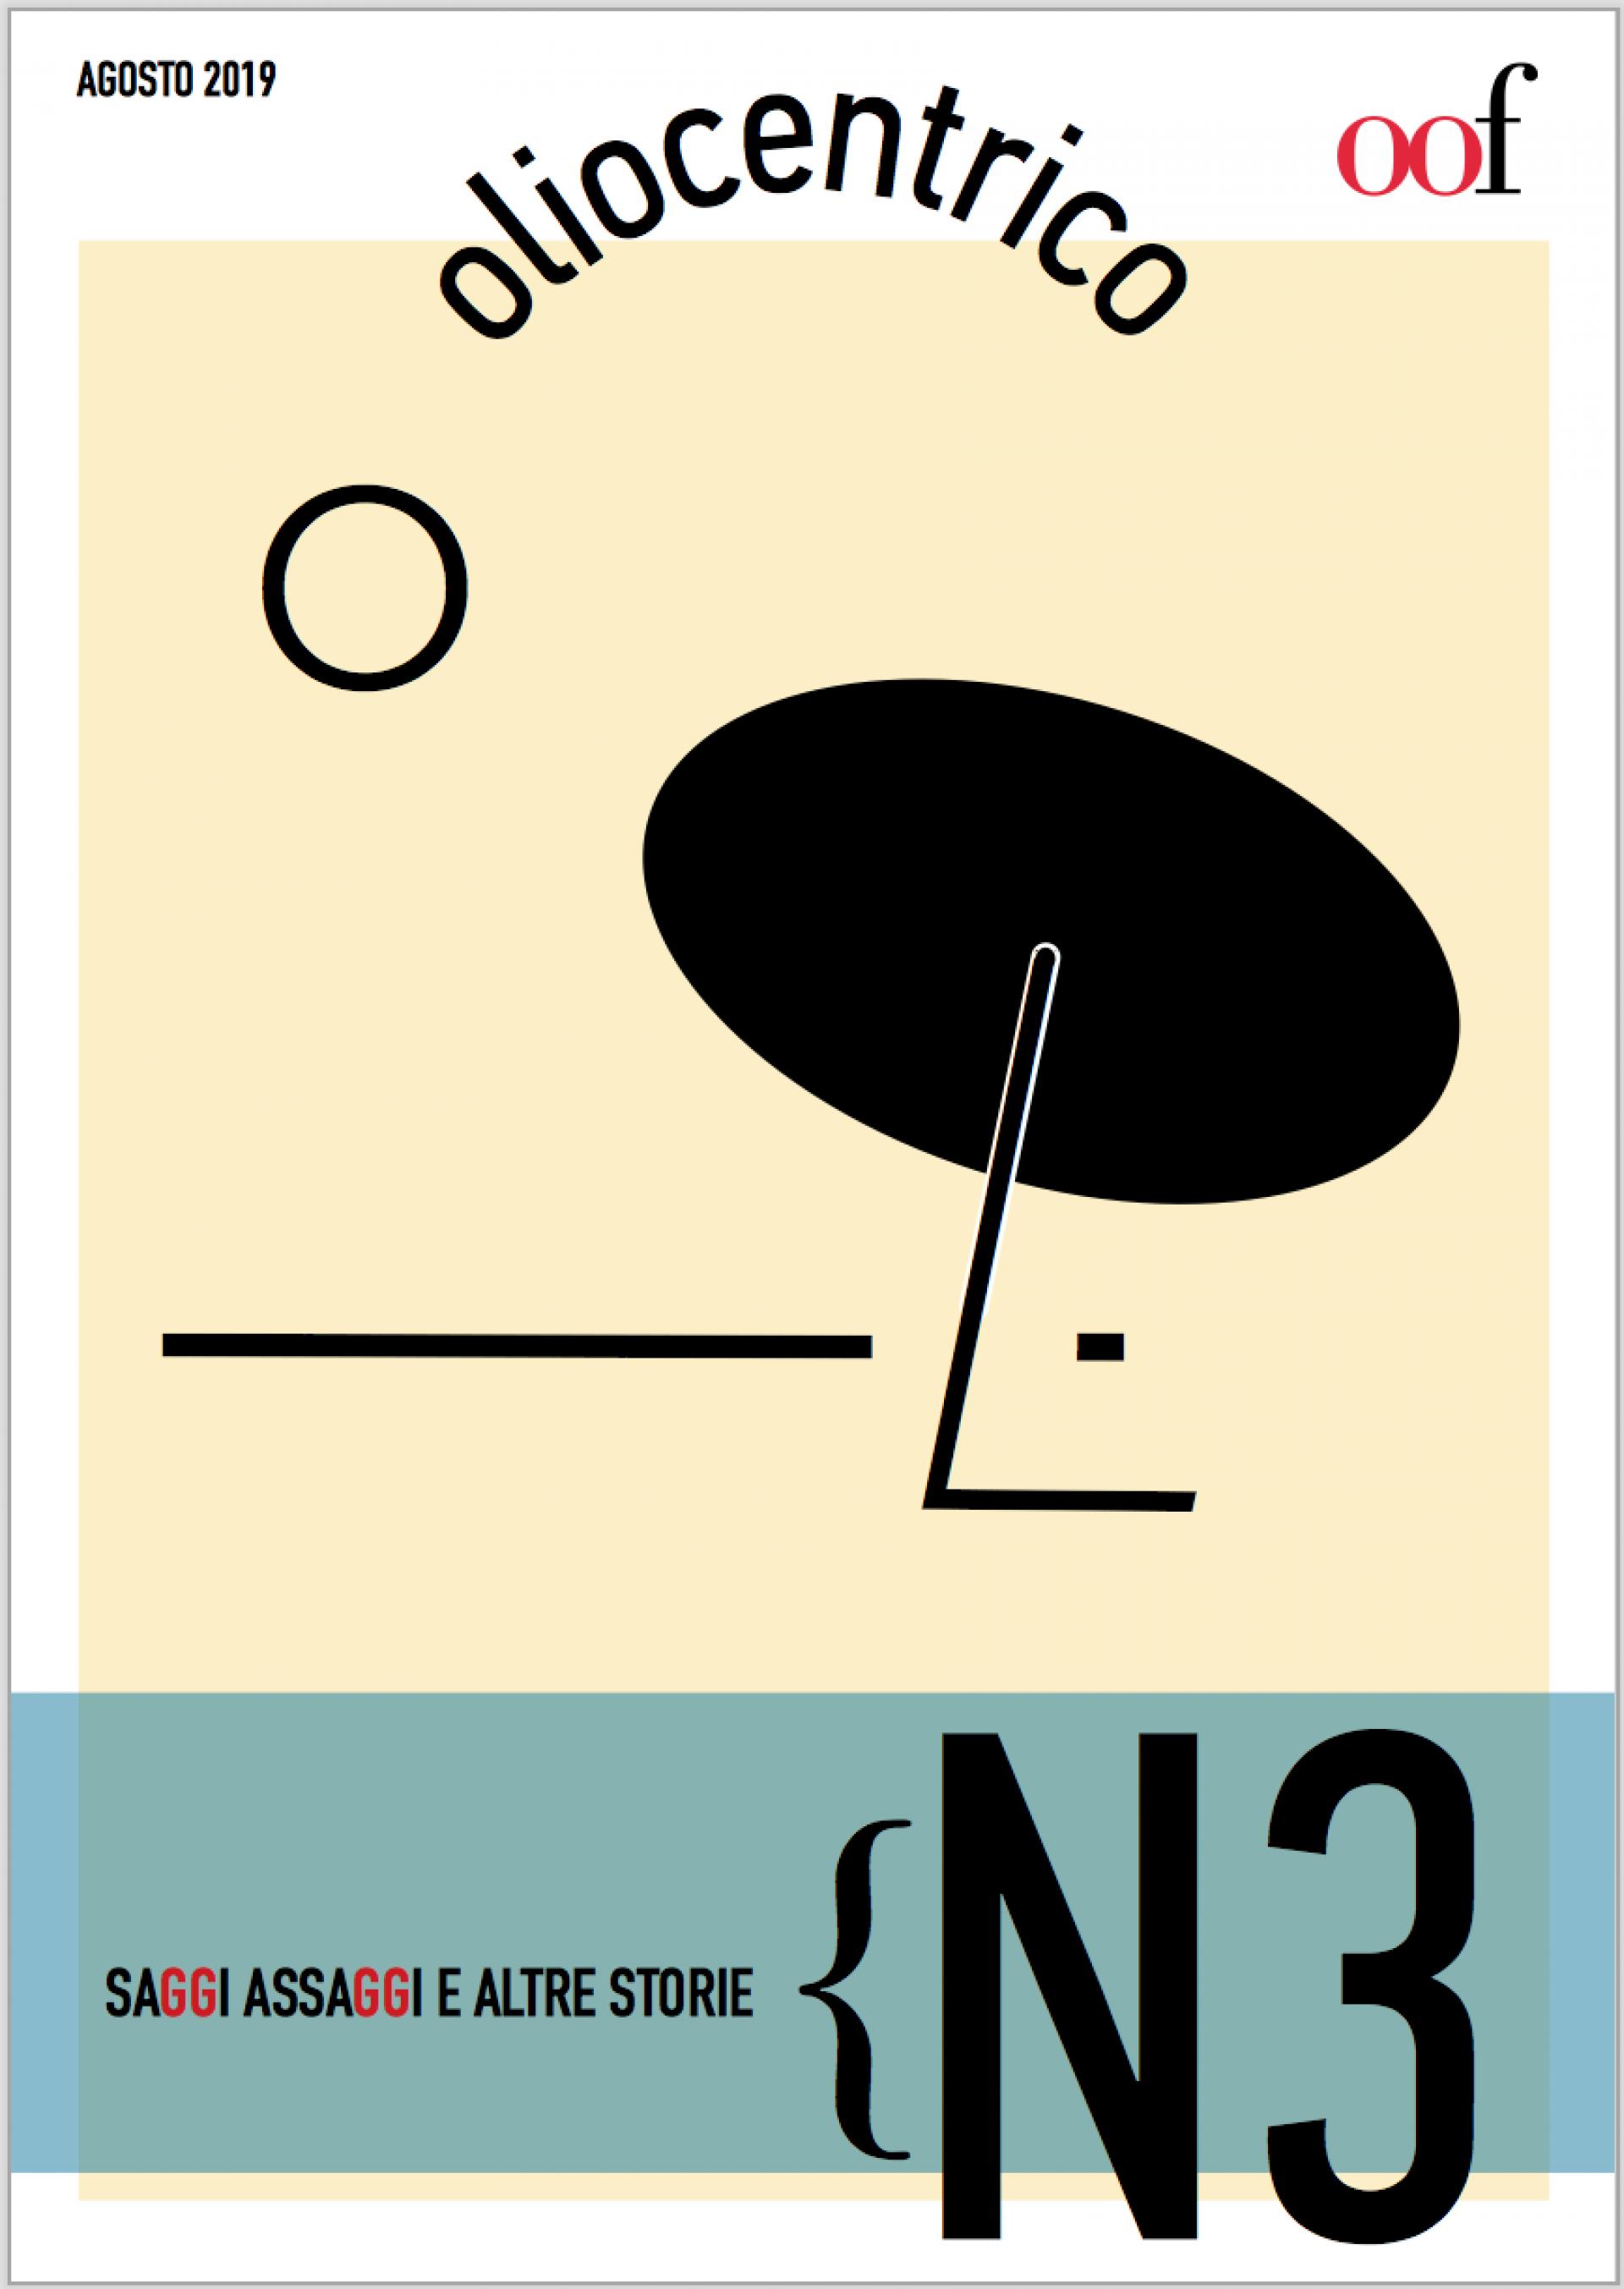 Oliocentrico N. 3